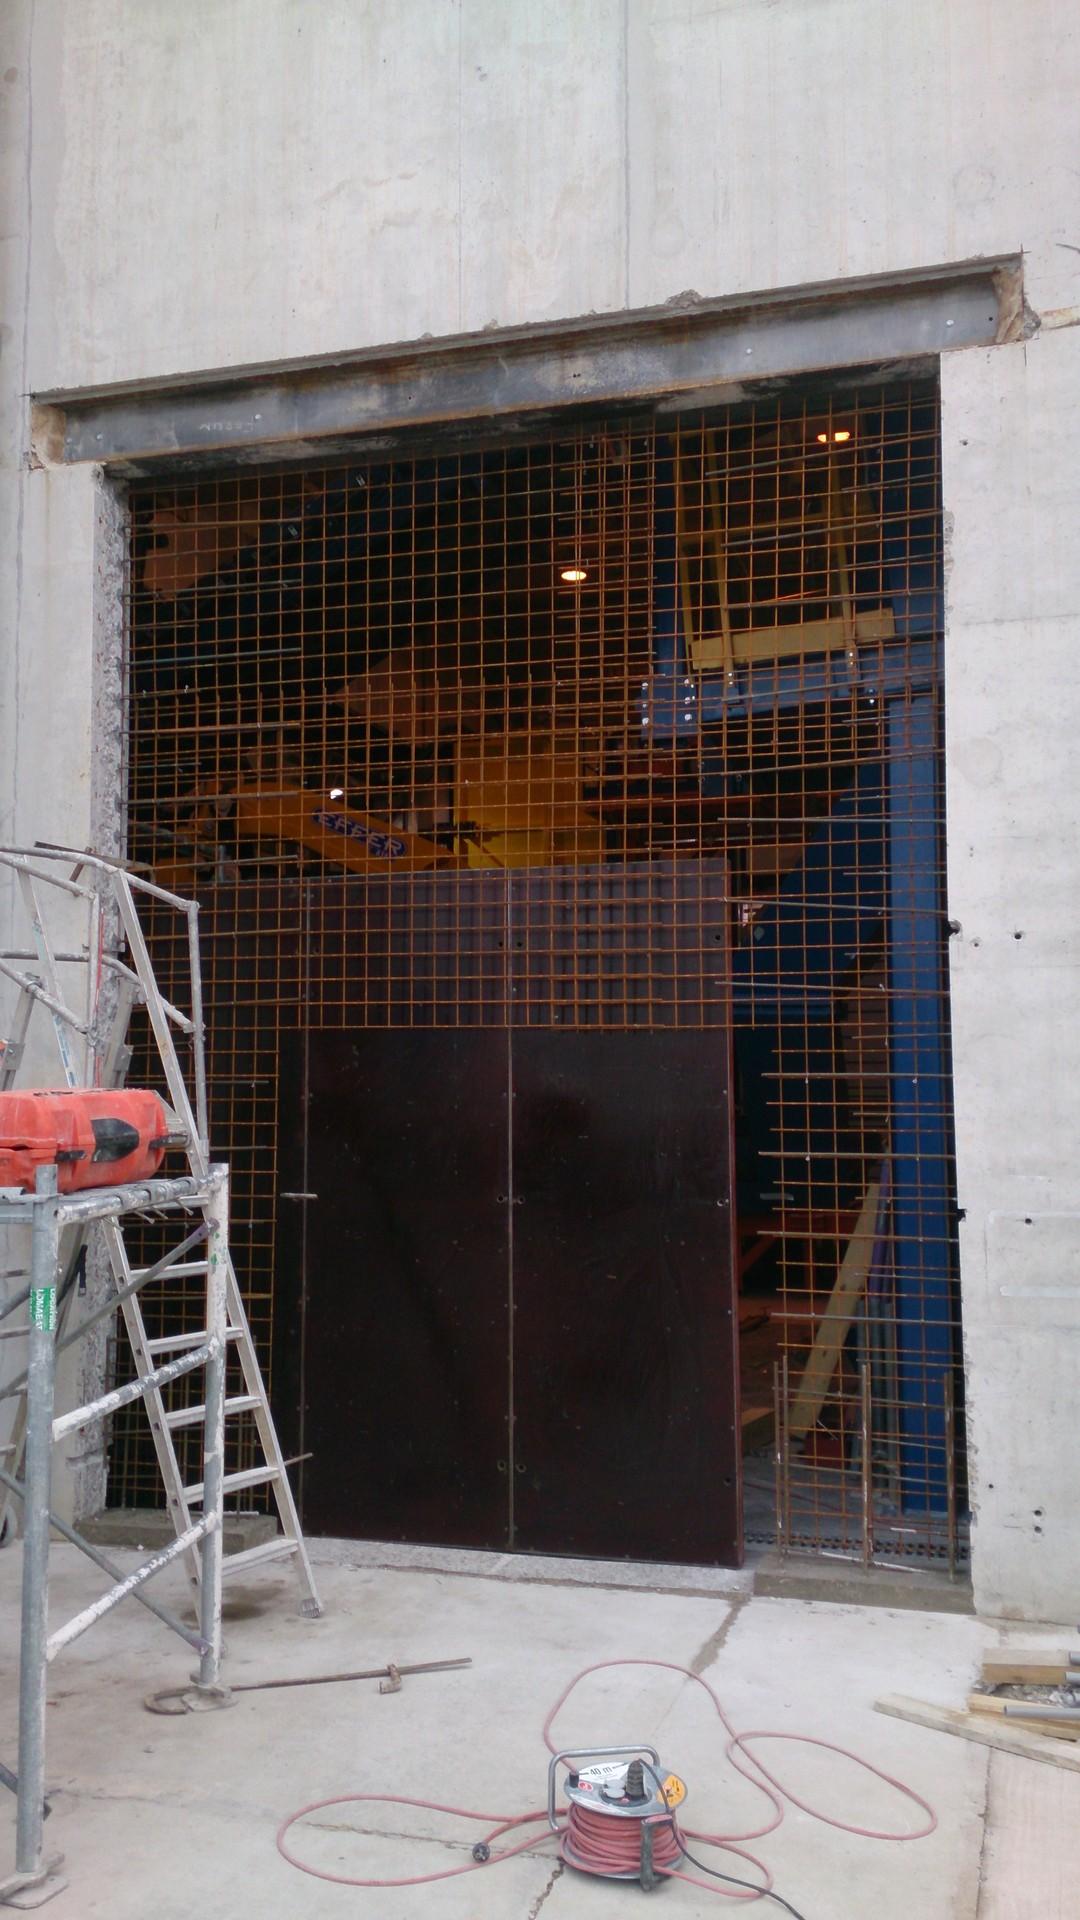 Ouverture et fermeture de voile béton et protection cablage et flexibleOuverture et fermeture de voile béton et protection cablage et flexible014